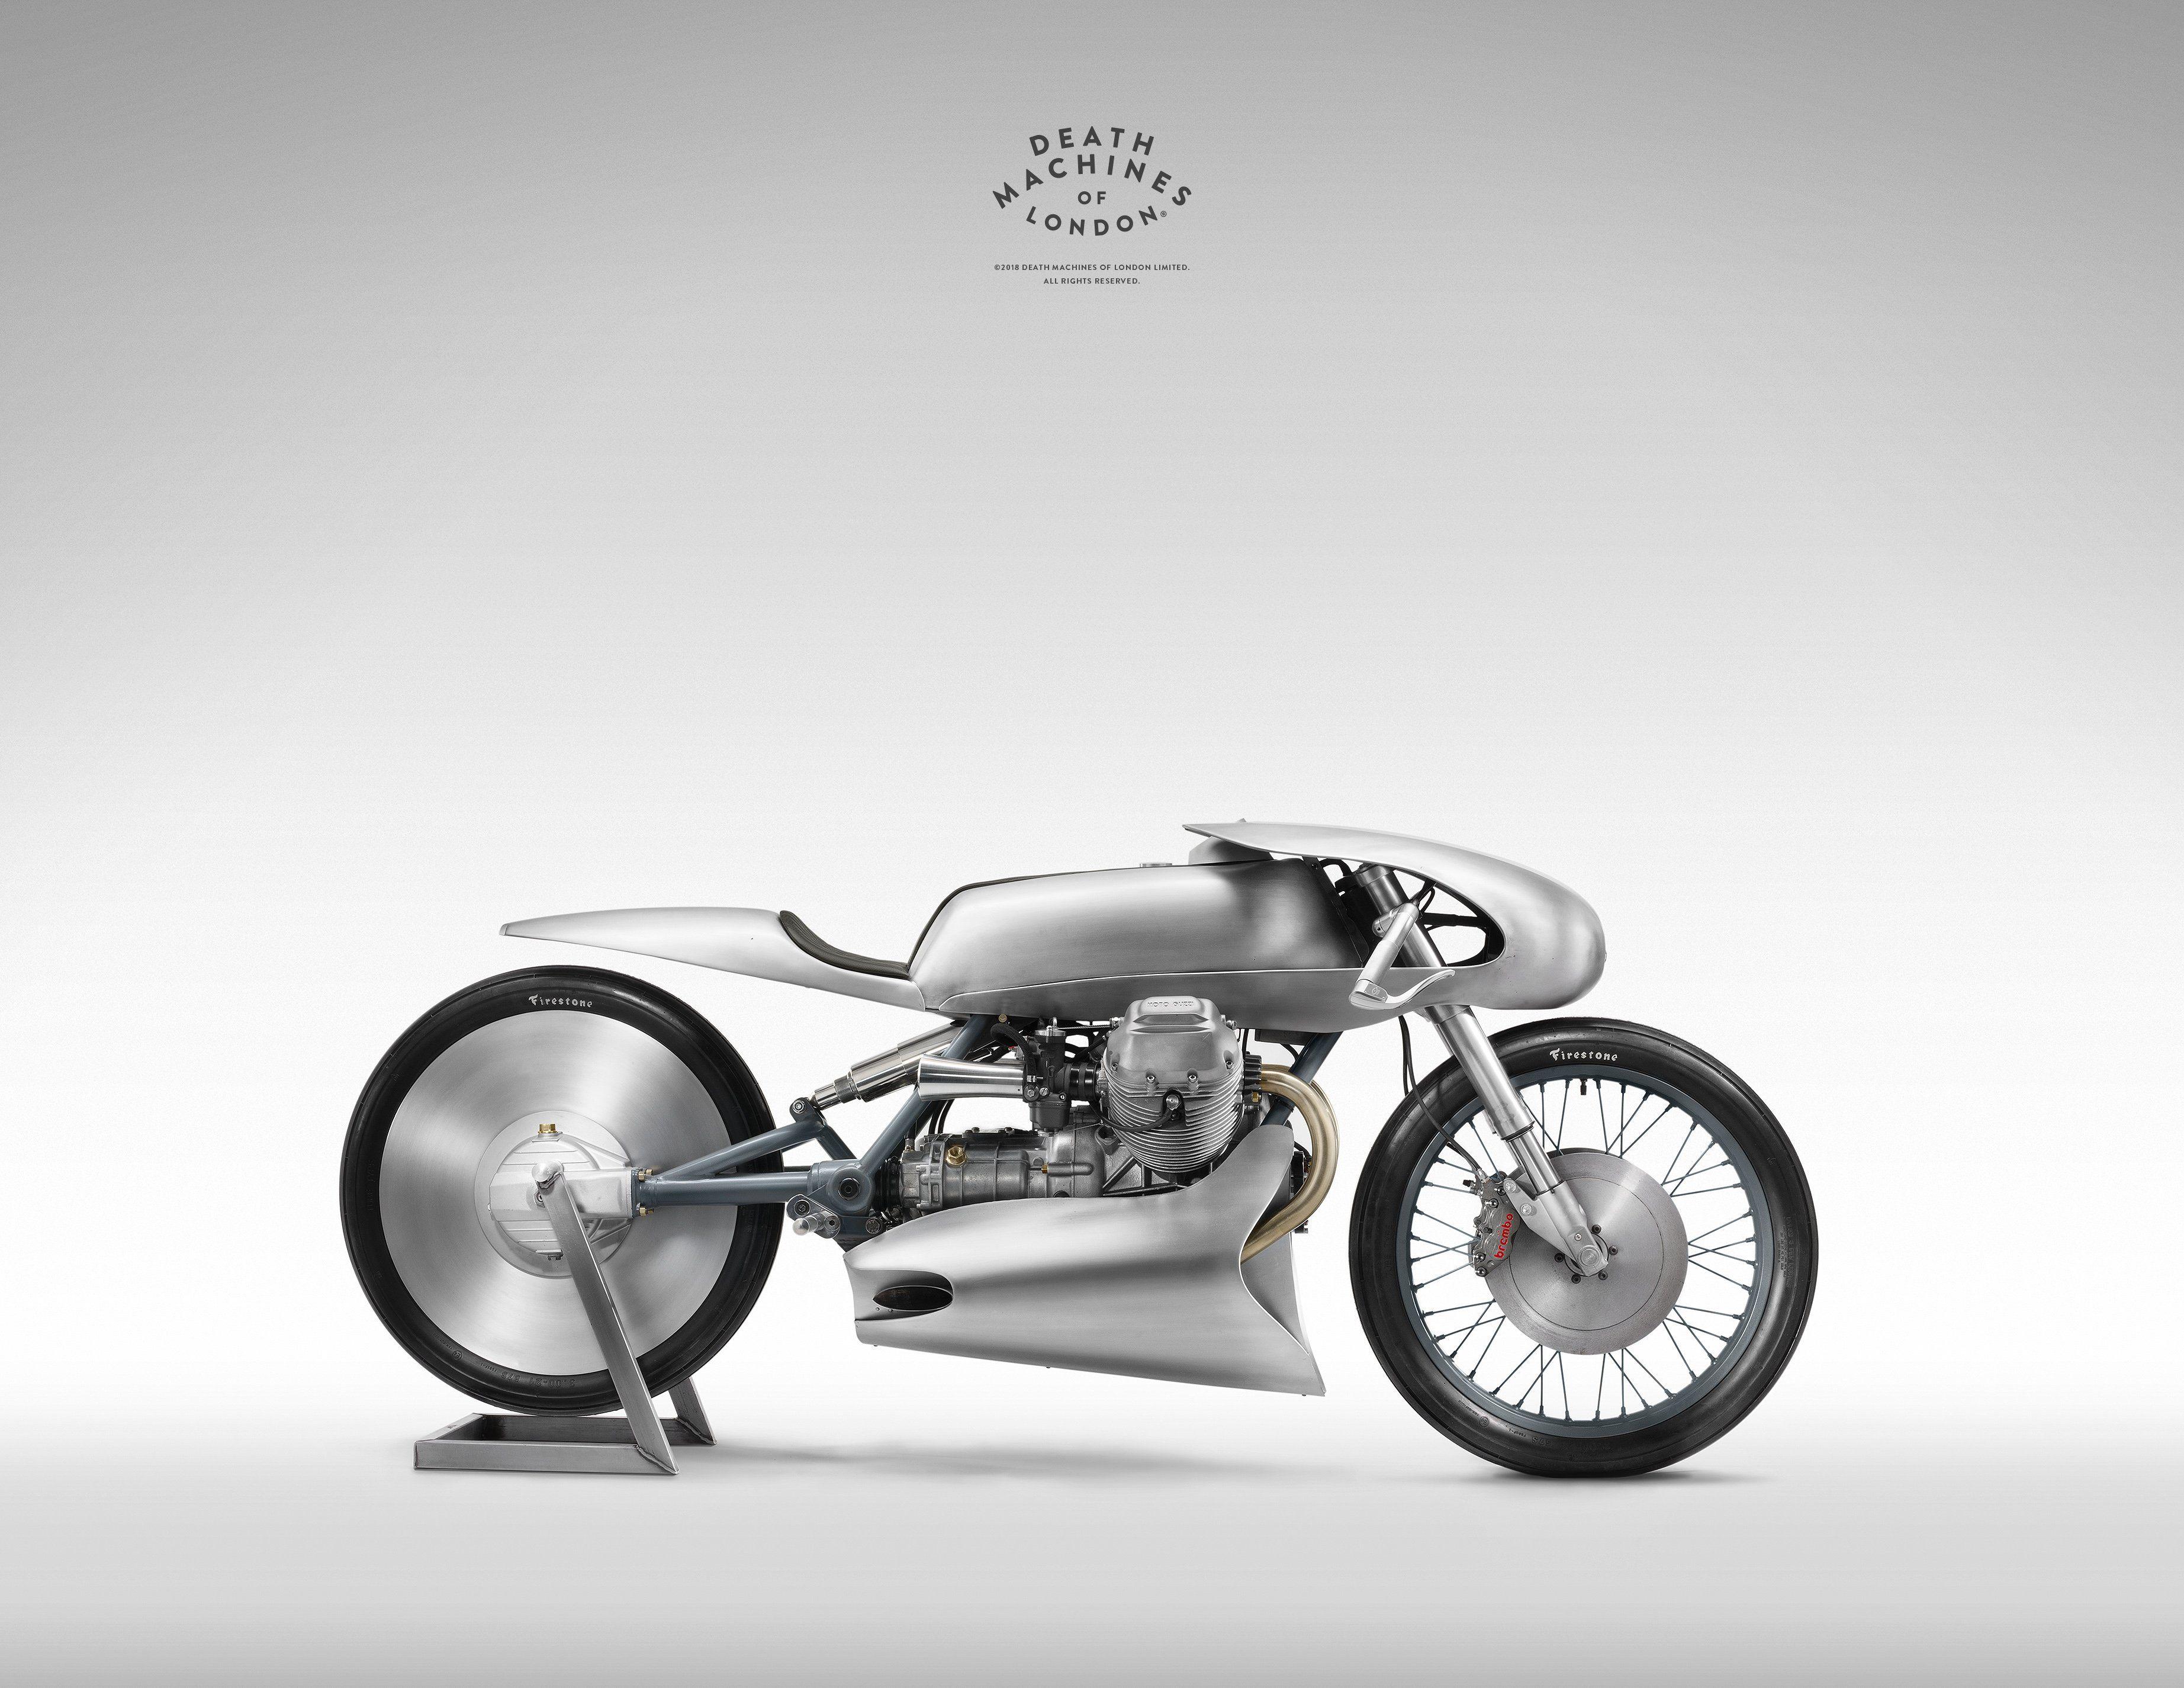 Dmol Mg Af Rhs Final Jpg 3689 2851 Moto Guzzi Motorrad Retro